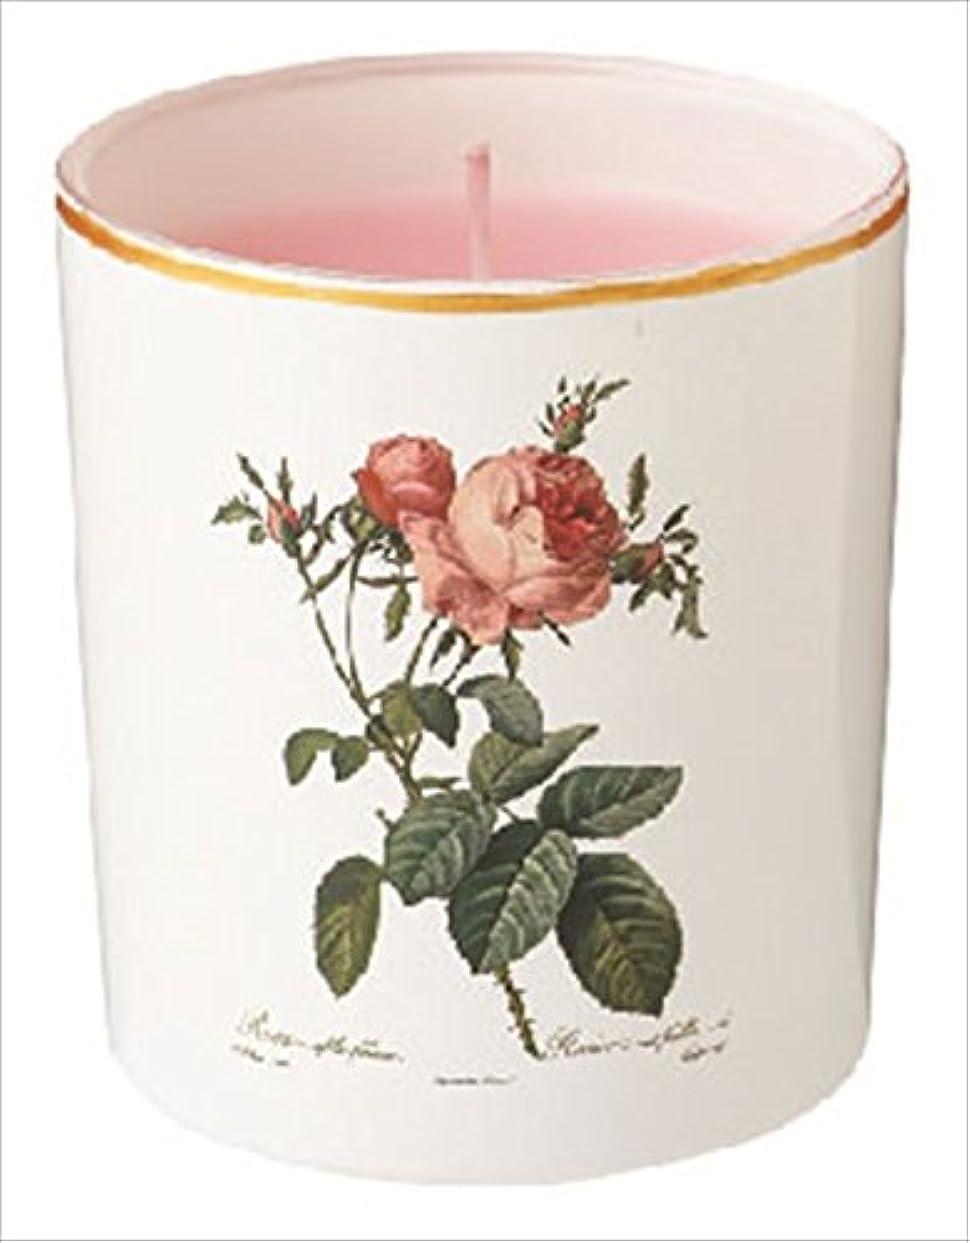 慢なアレイ素人カメヤマキャンドル(kameyama candle) ルドゥーテ グラスキャンドル 「 ピュアローズ 」